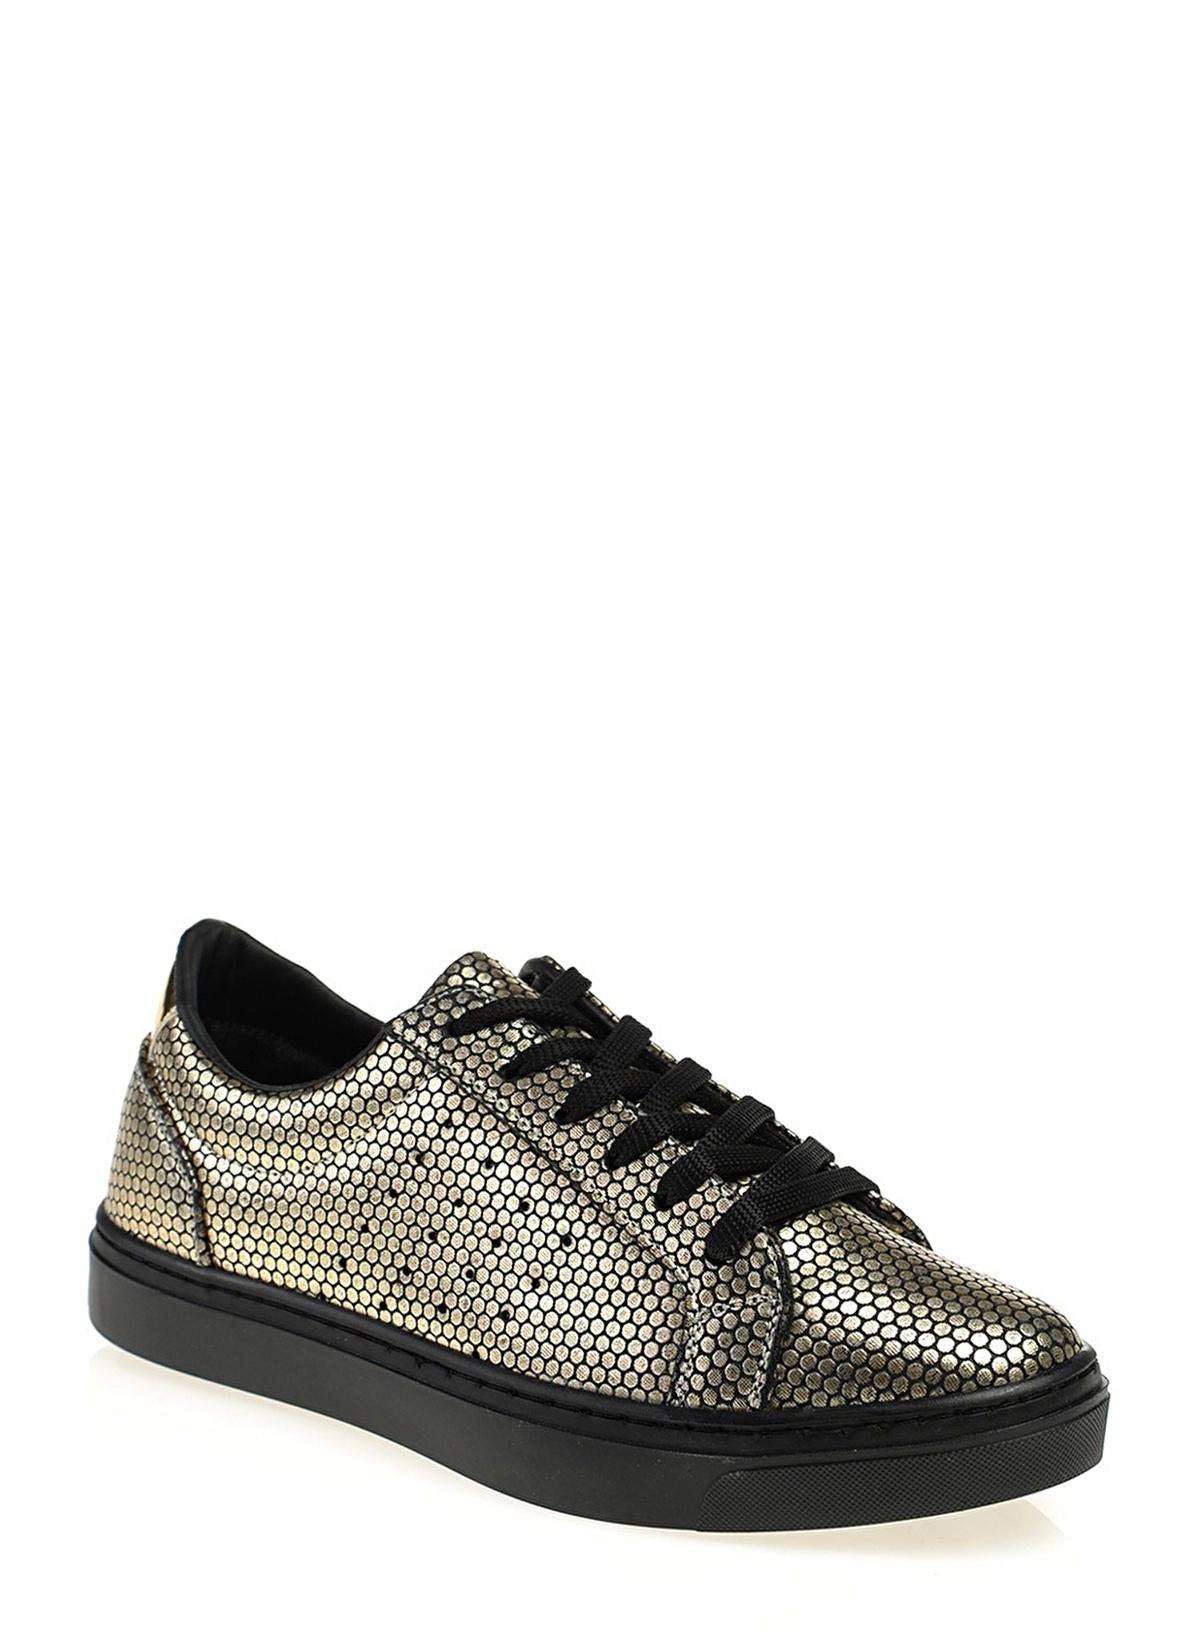 Divarese Lifestyle Ayakkabı 5016858 K Ayakkabı – 99.0 TL